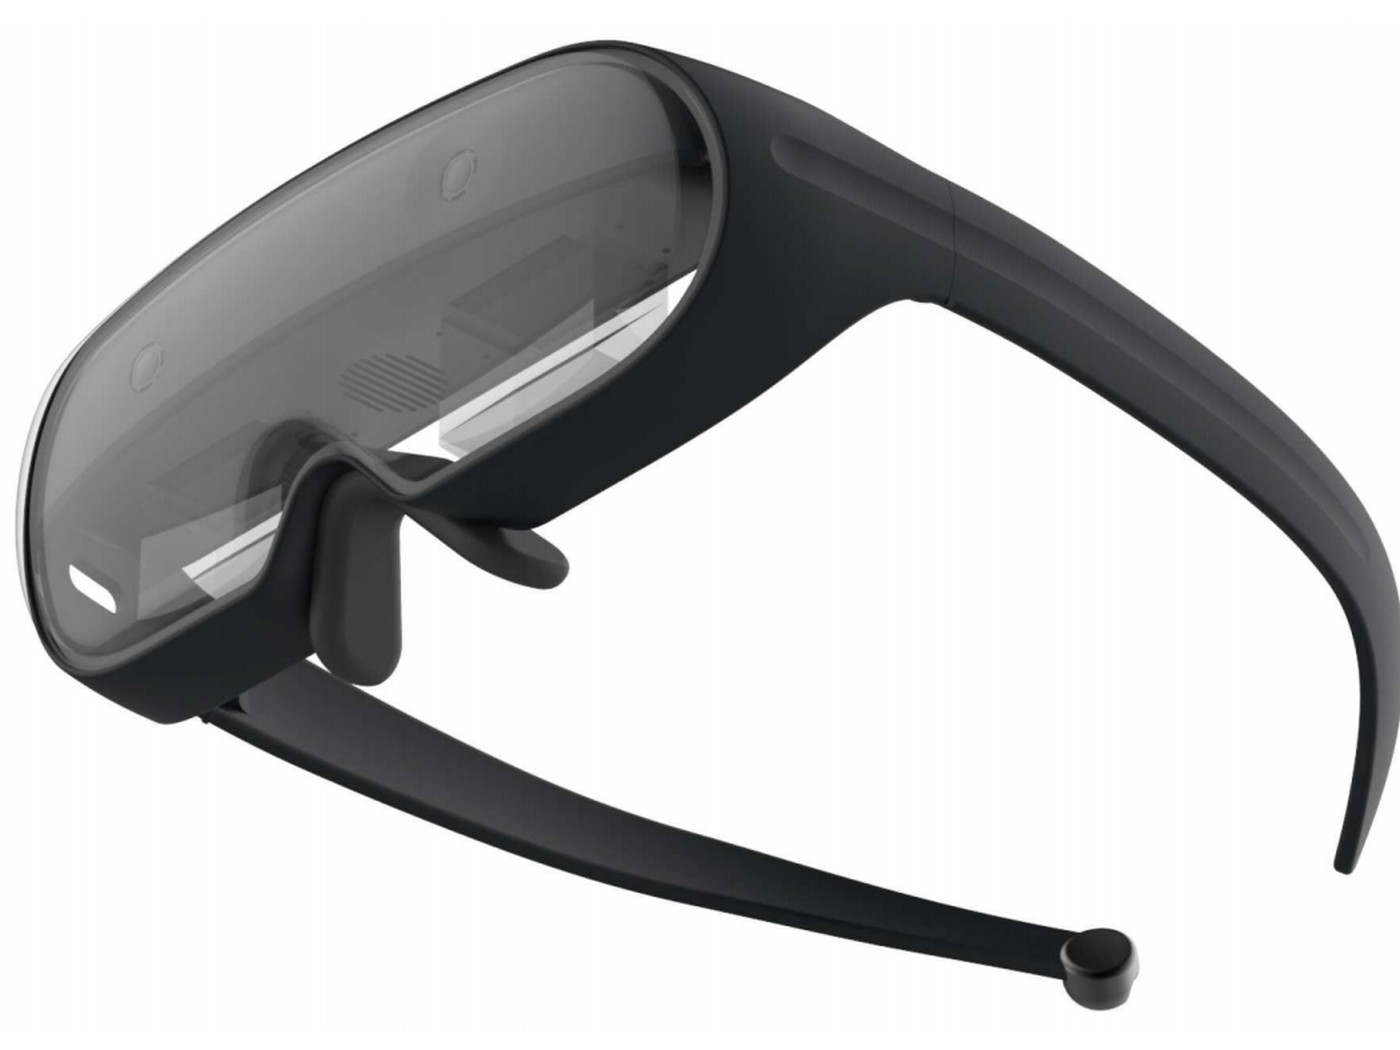 AR Headset